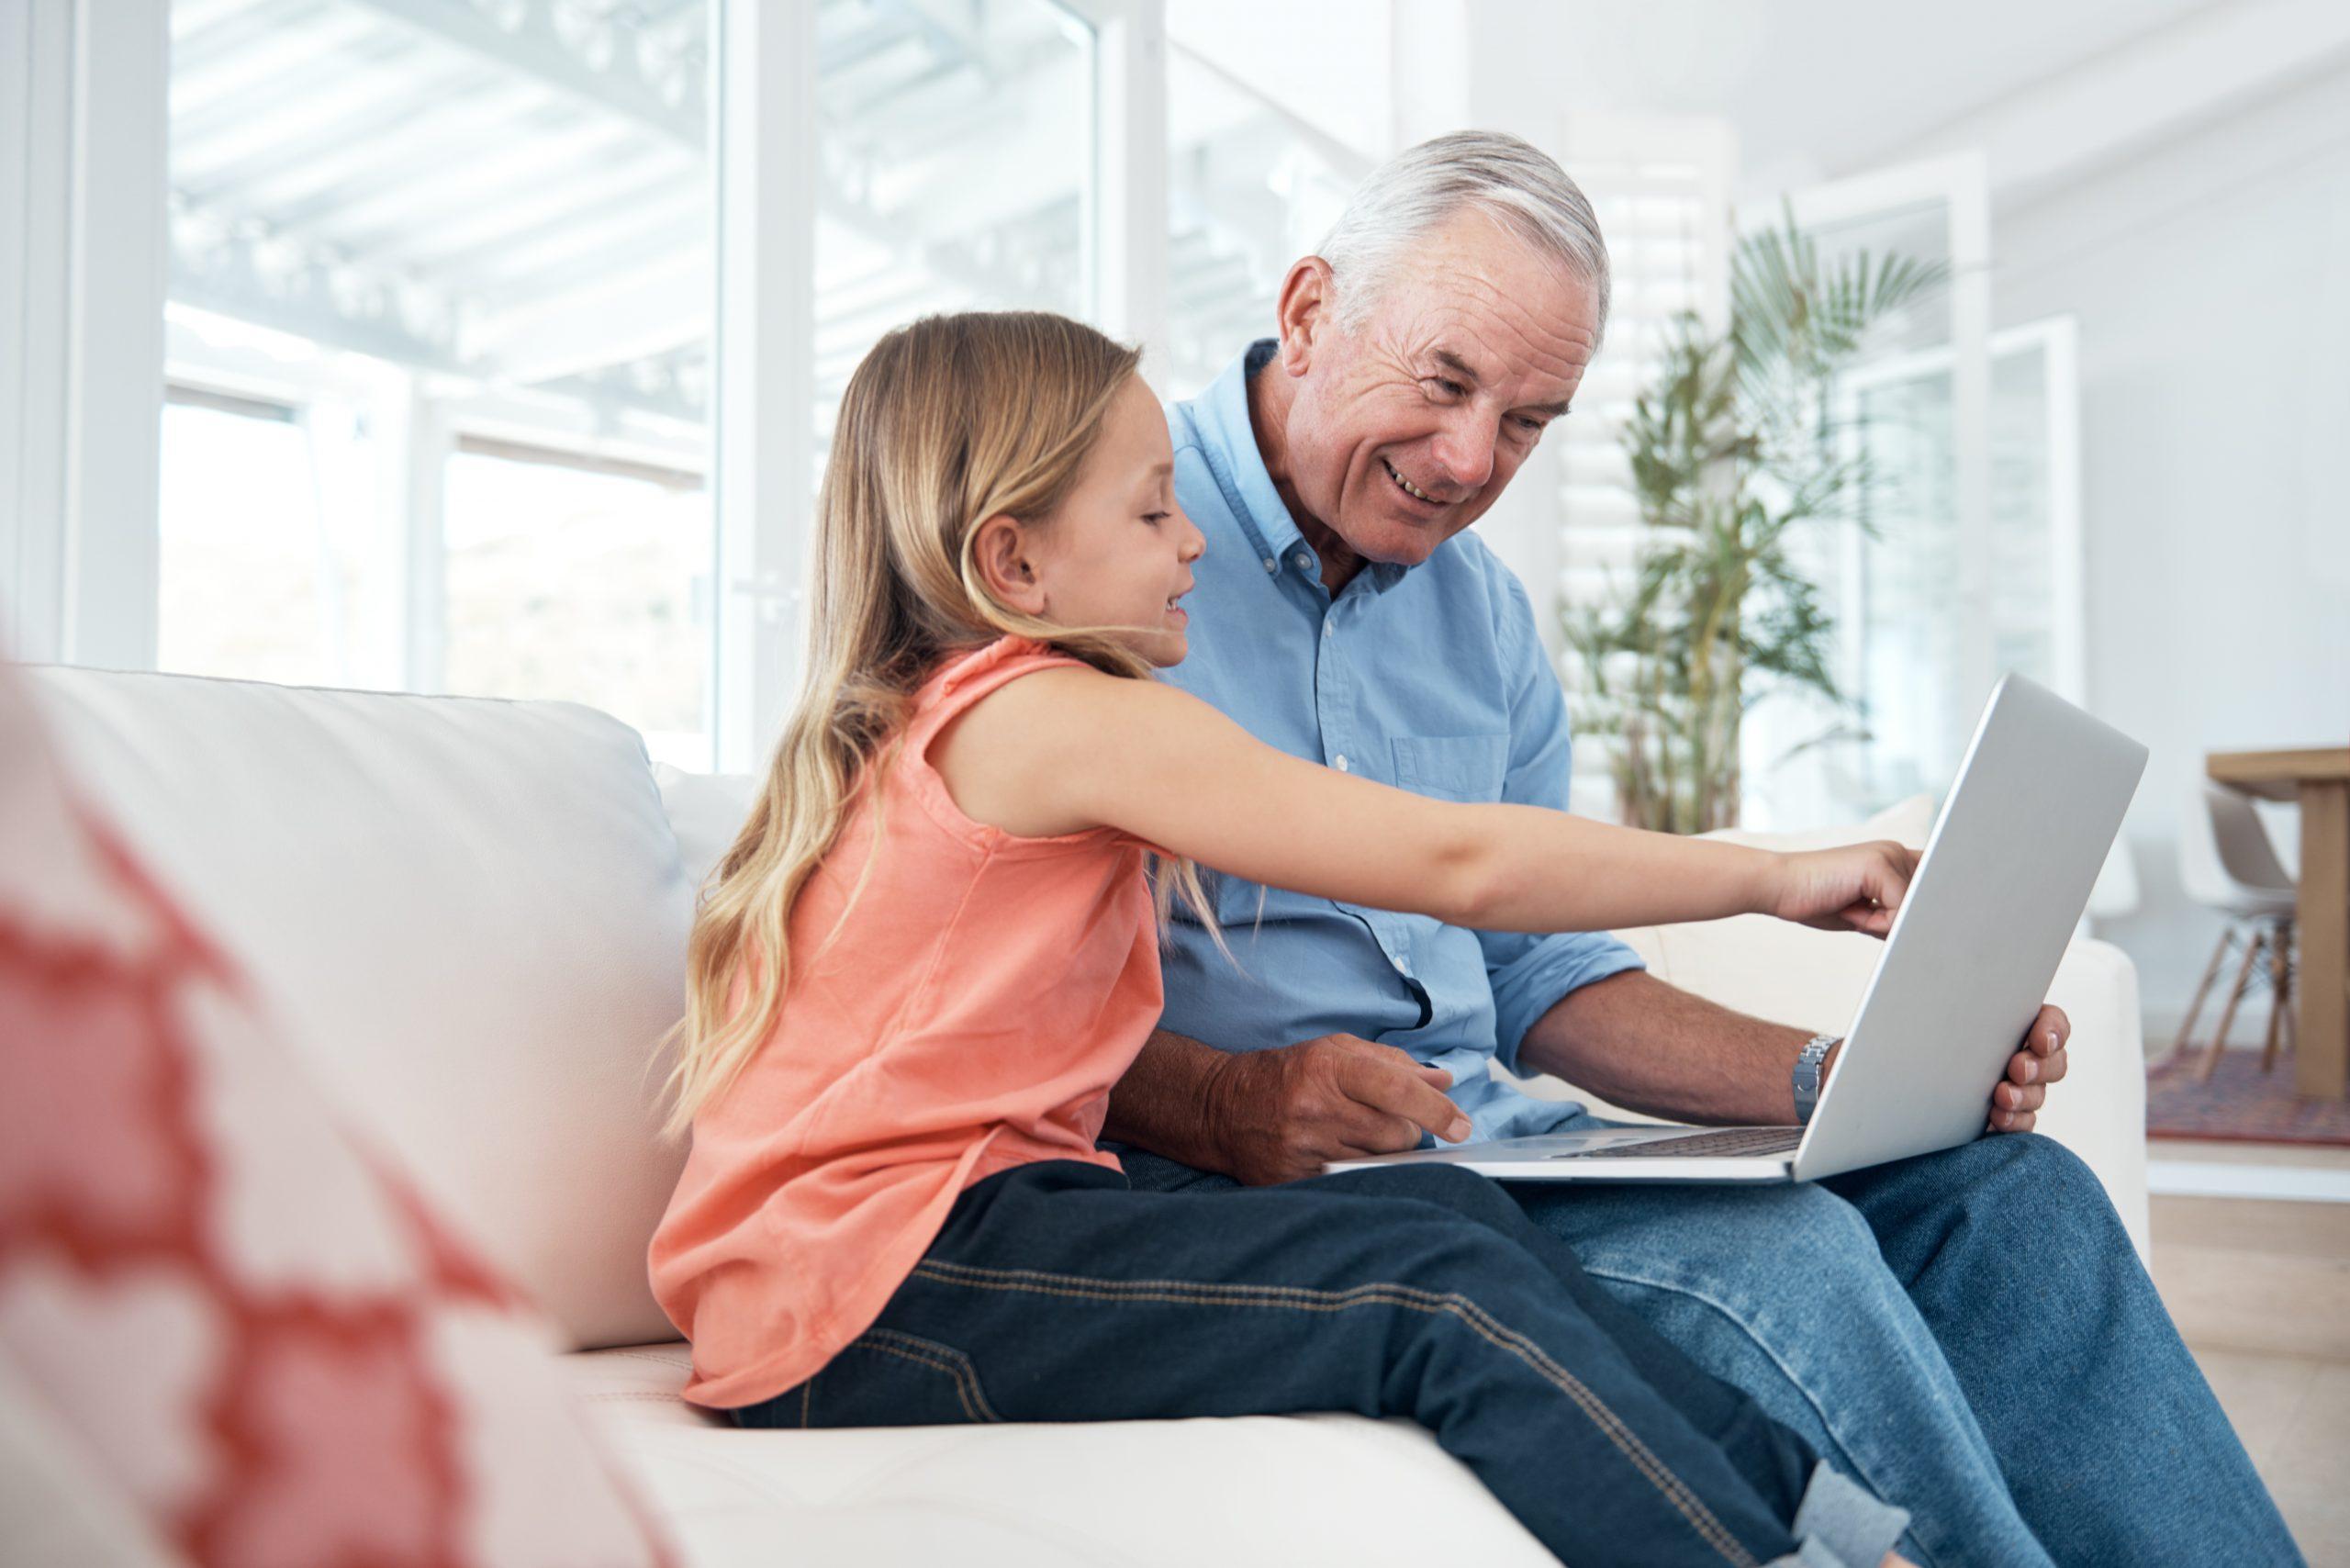 A1 Seniorenakademie Großvater und Enkelin mit Laptop